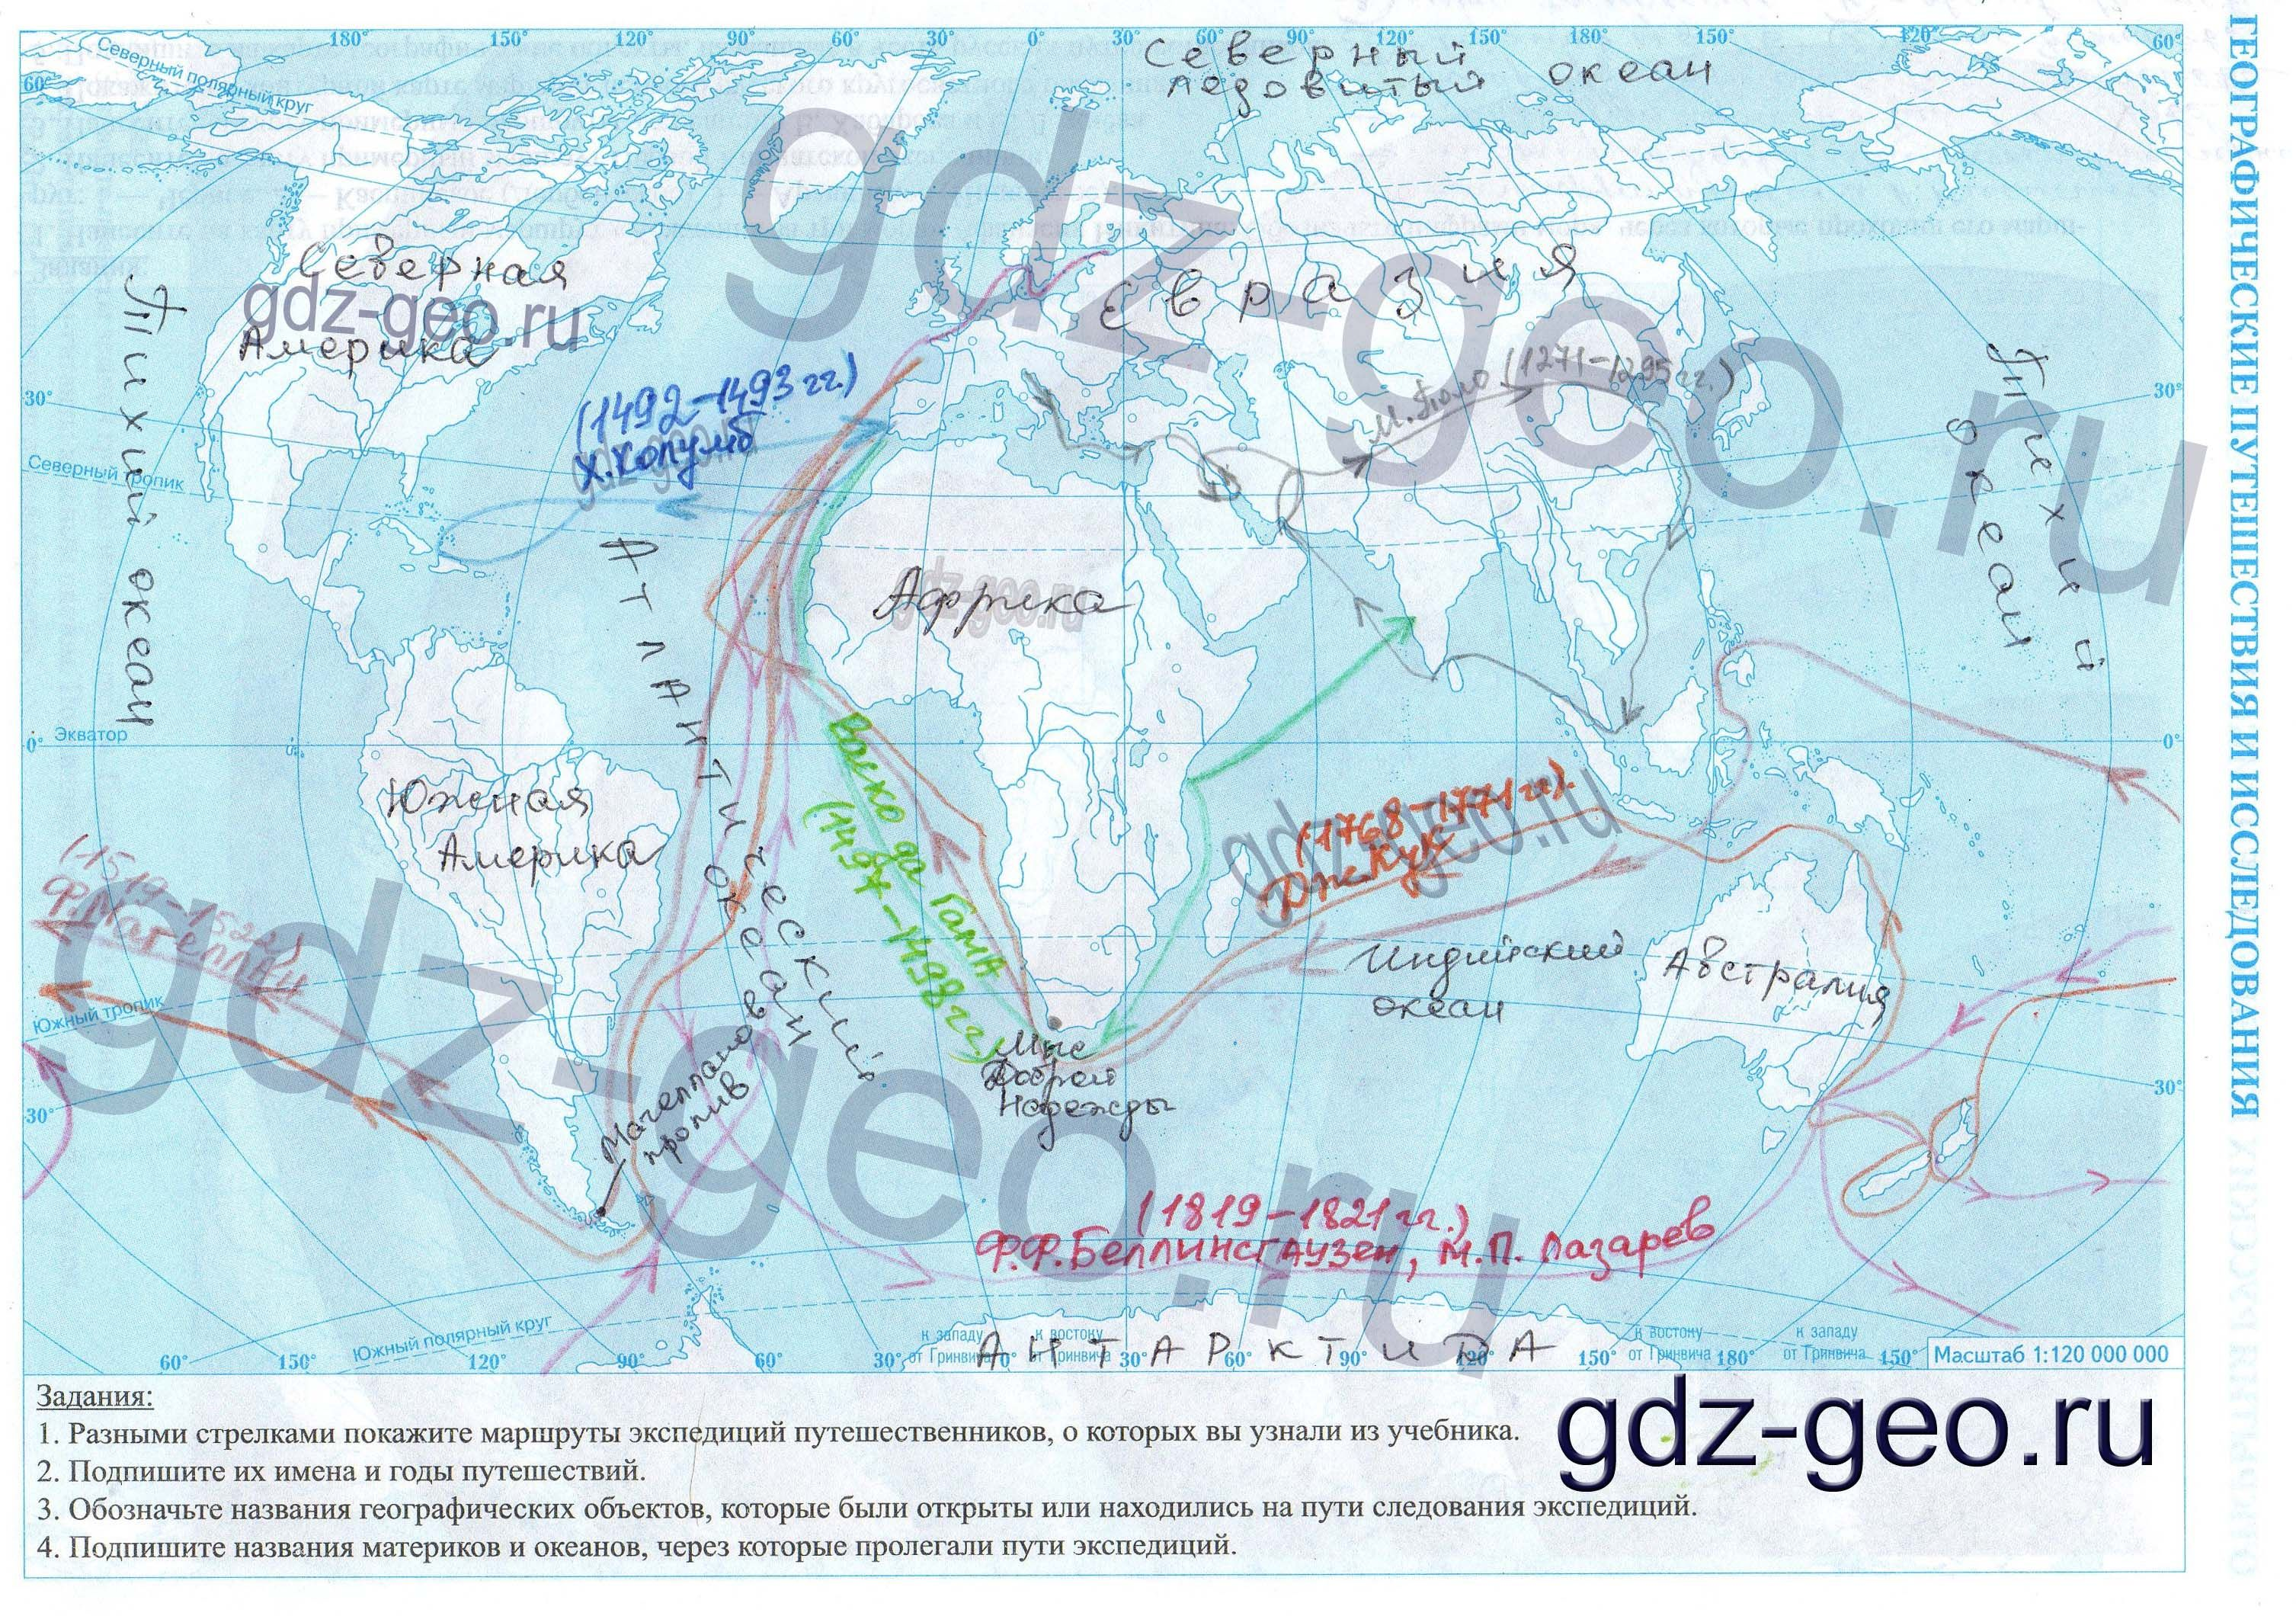 гдз контурная карта по географии 6 класс